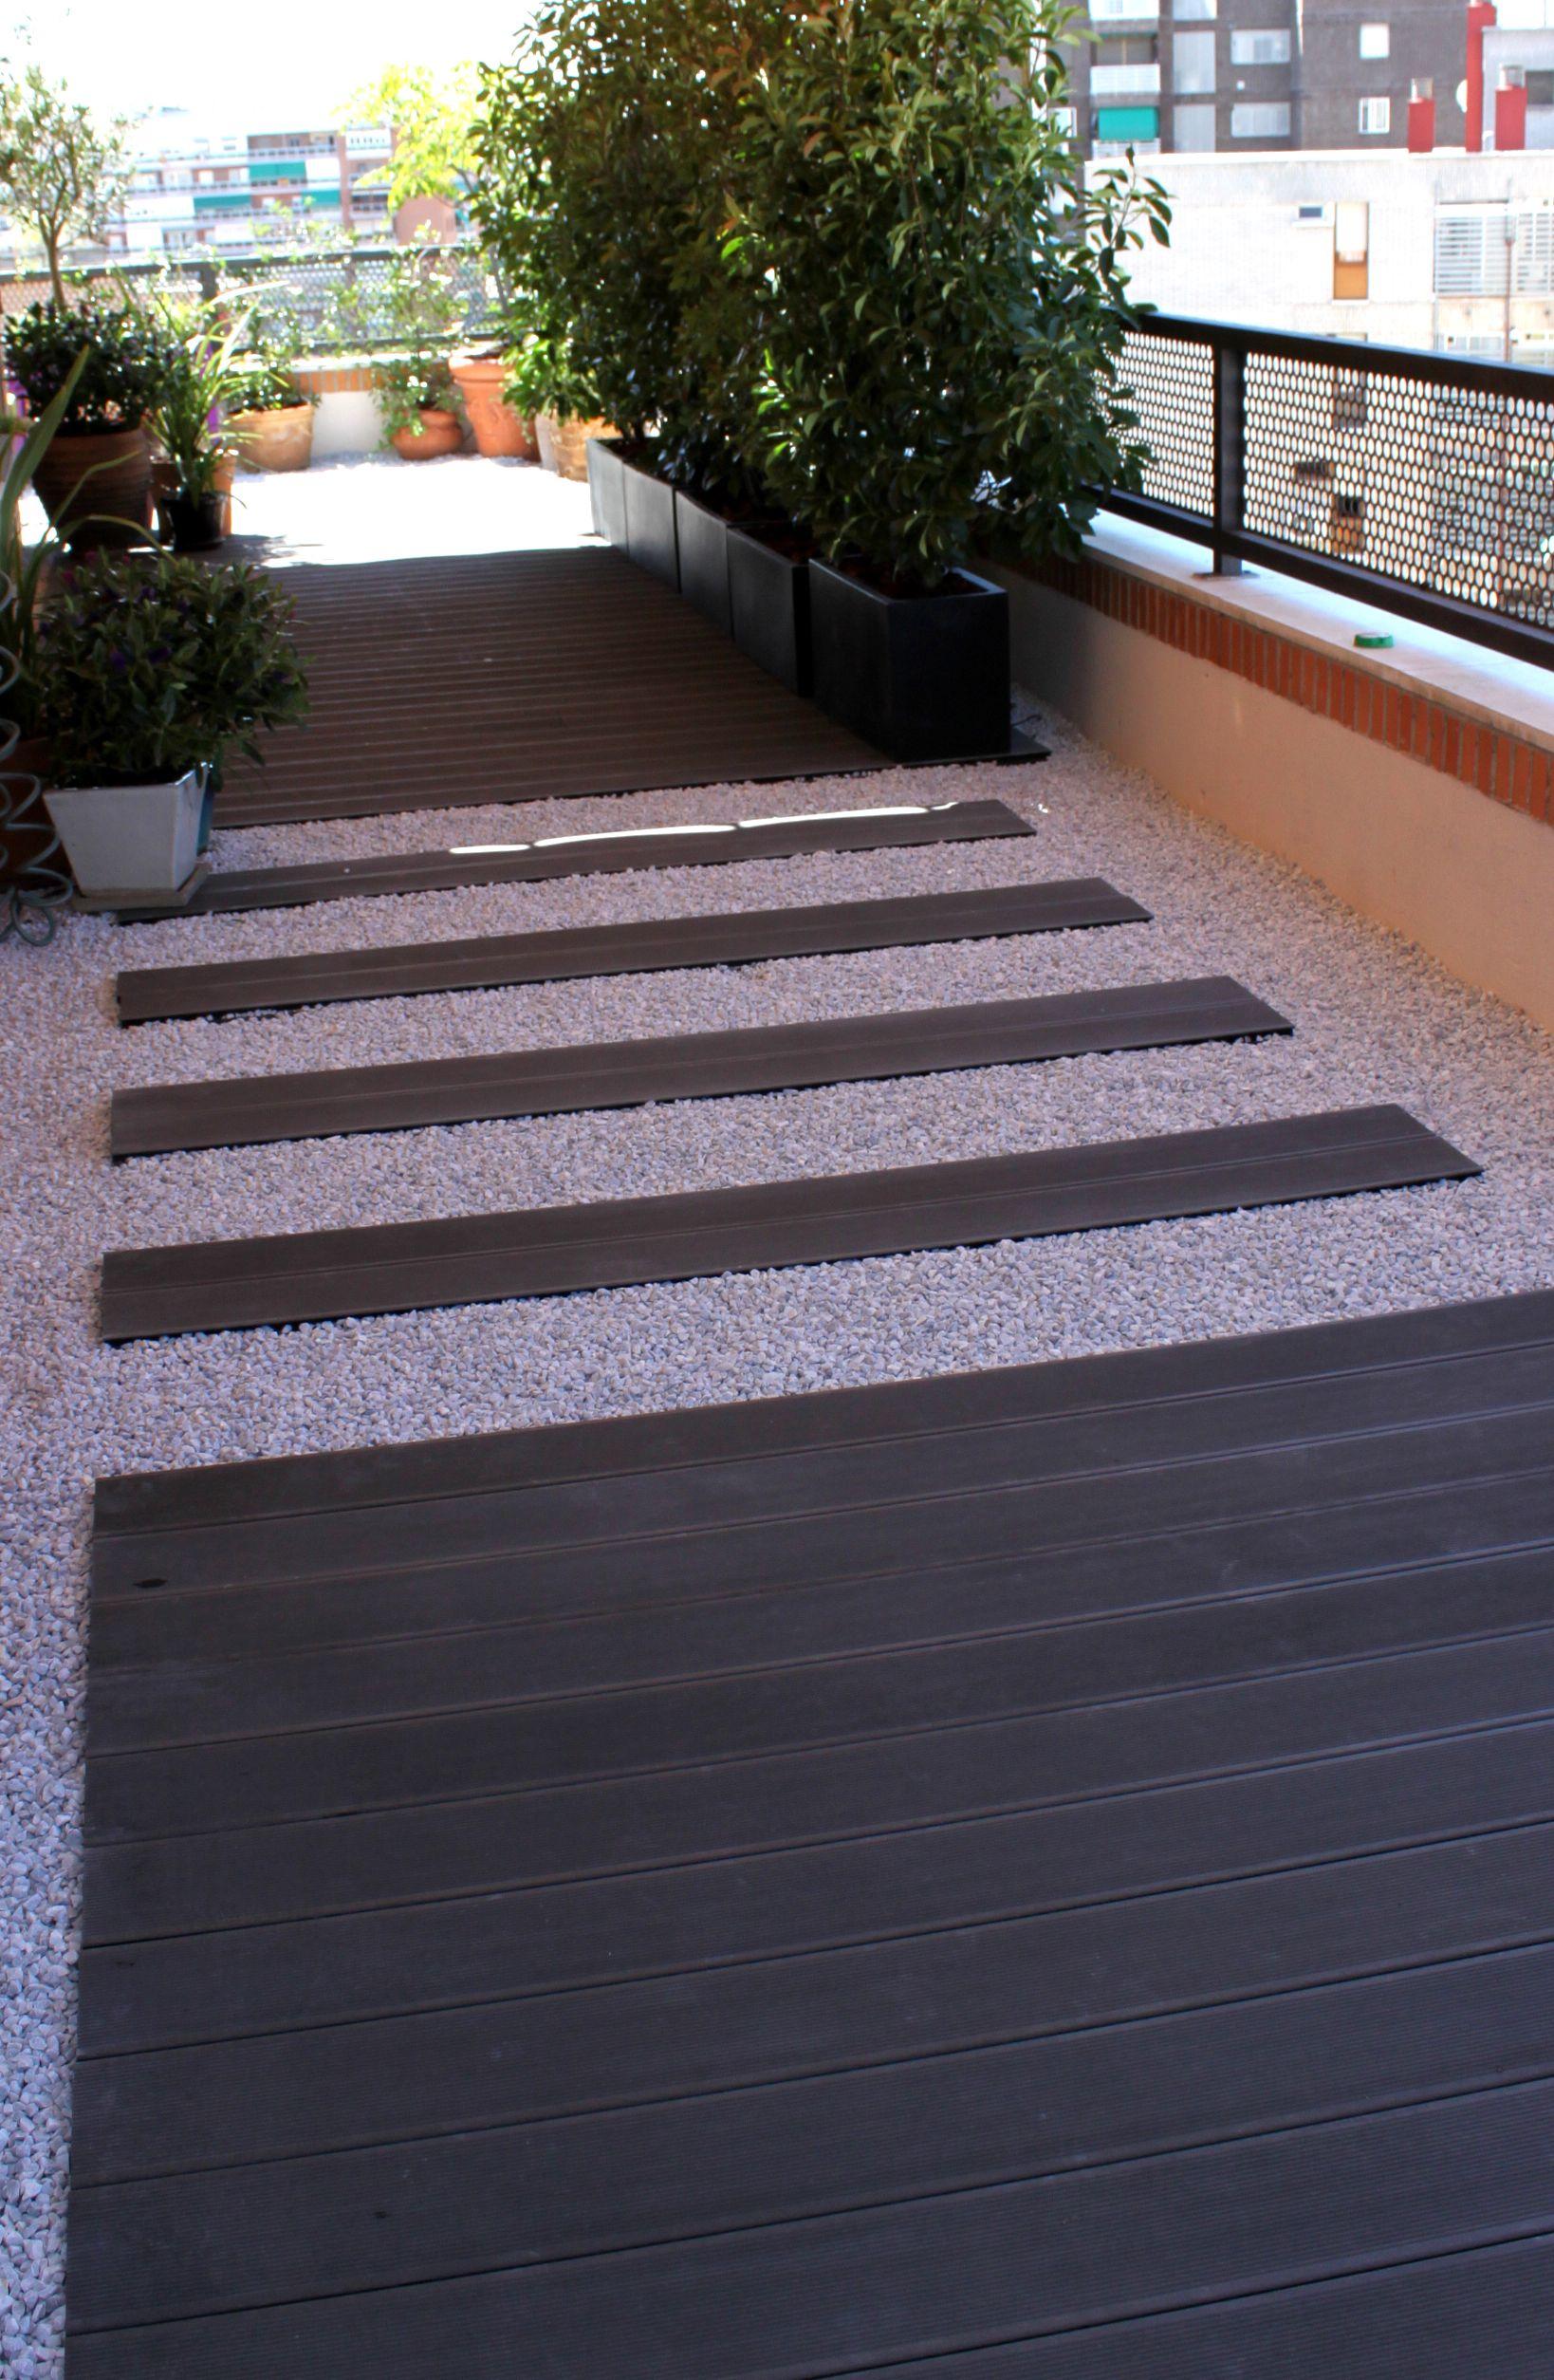 Jardin con grava y madera tecnol gica gris hogar for Pisos de jardines exteriores